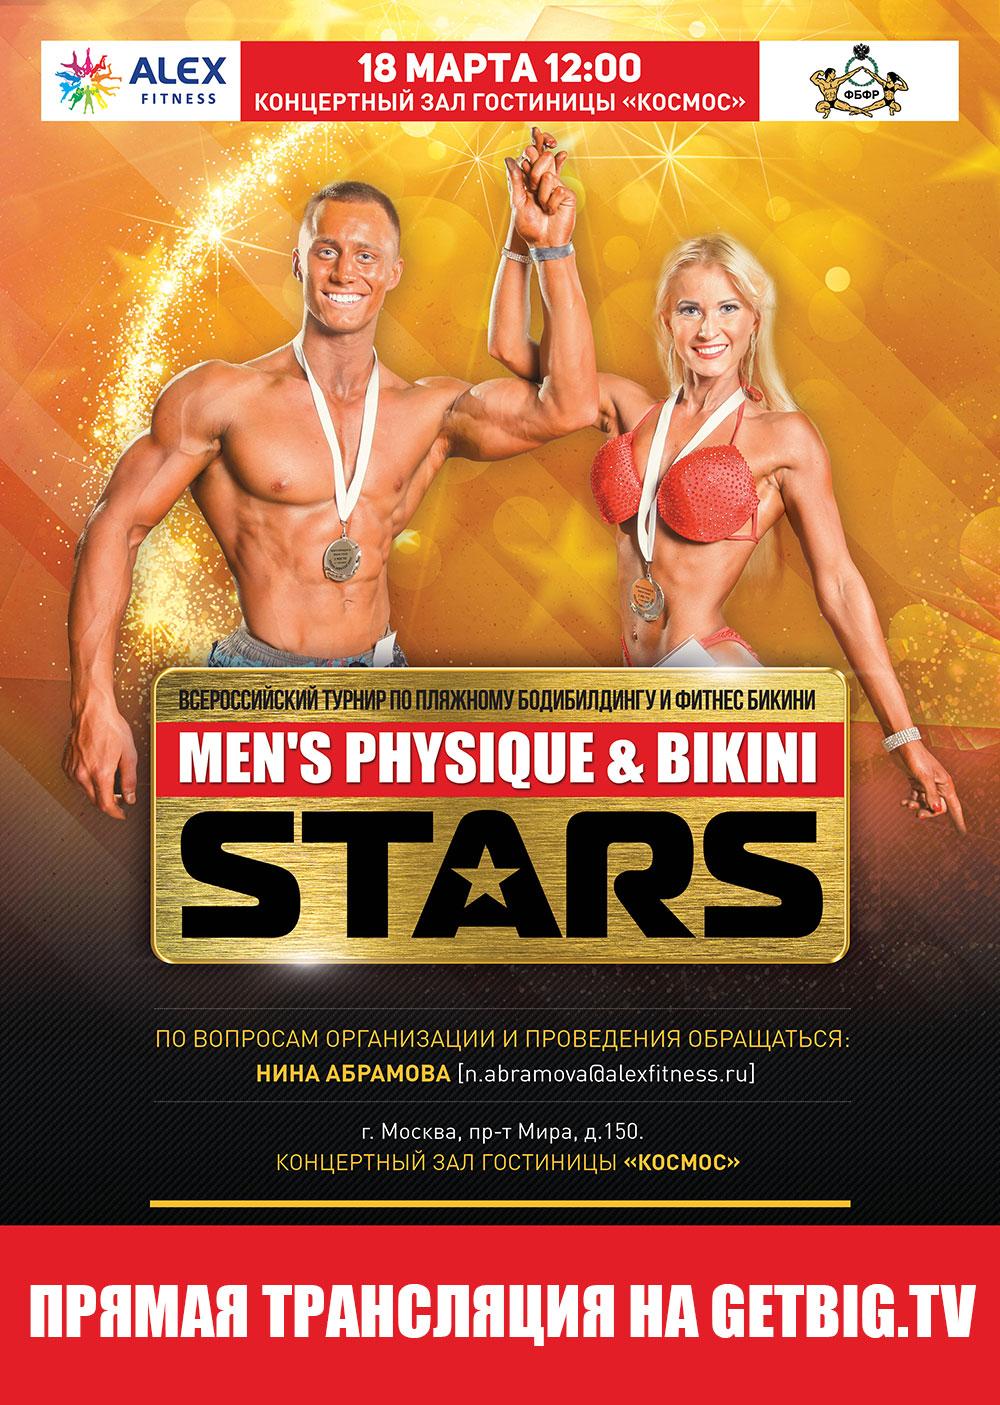 Men's Physique & Bikini Stars - 2017 (положение)